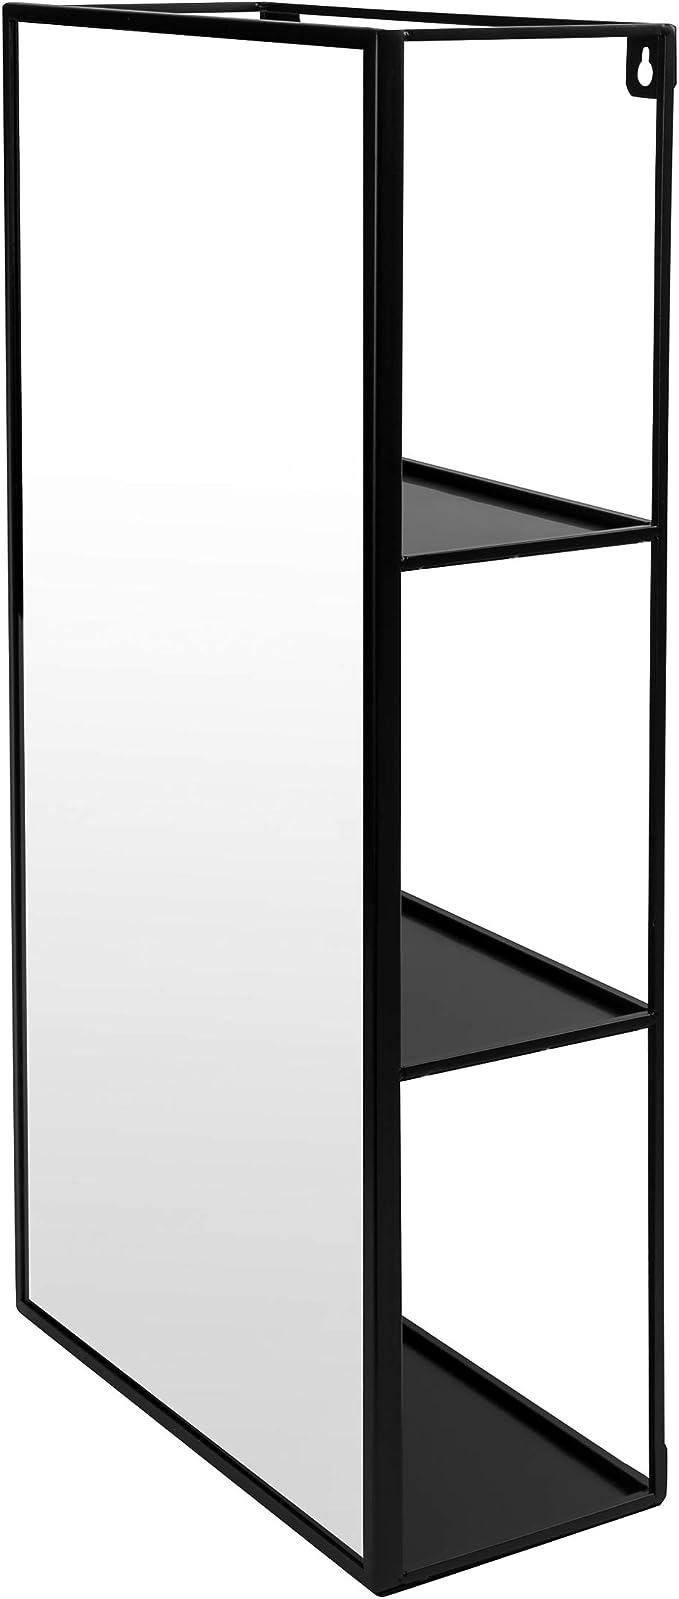 Moderne Wand Dekoration und geometrisches Wandregal Gro/β Umbra CUBIKO WANDSPIEGEL MIT ABLAGE SCHWARZ Metall 61 x 31 x 13 cm /& Cubist schwebendes Regal mit integriertem Pflanzentopf Schwarz